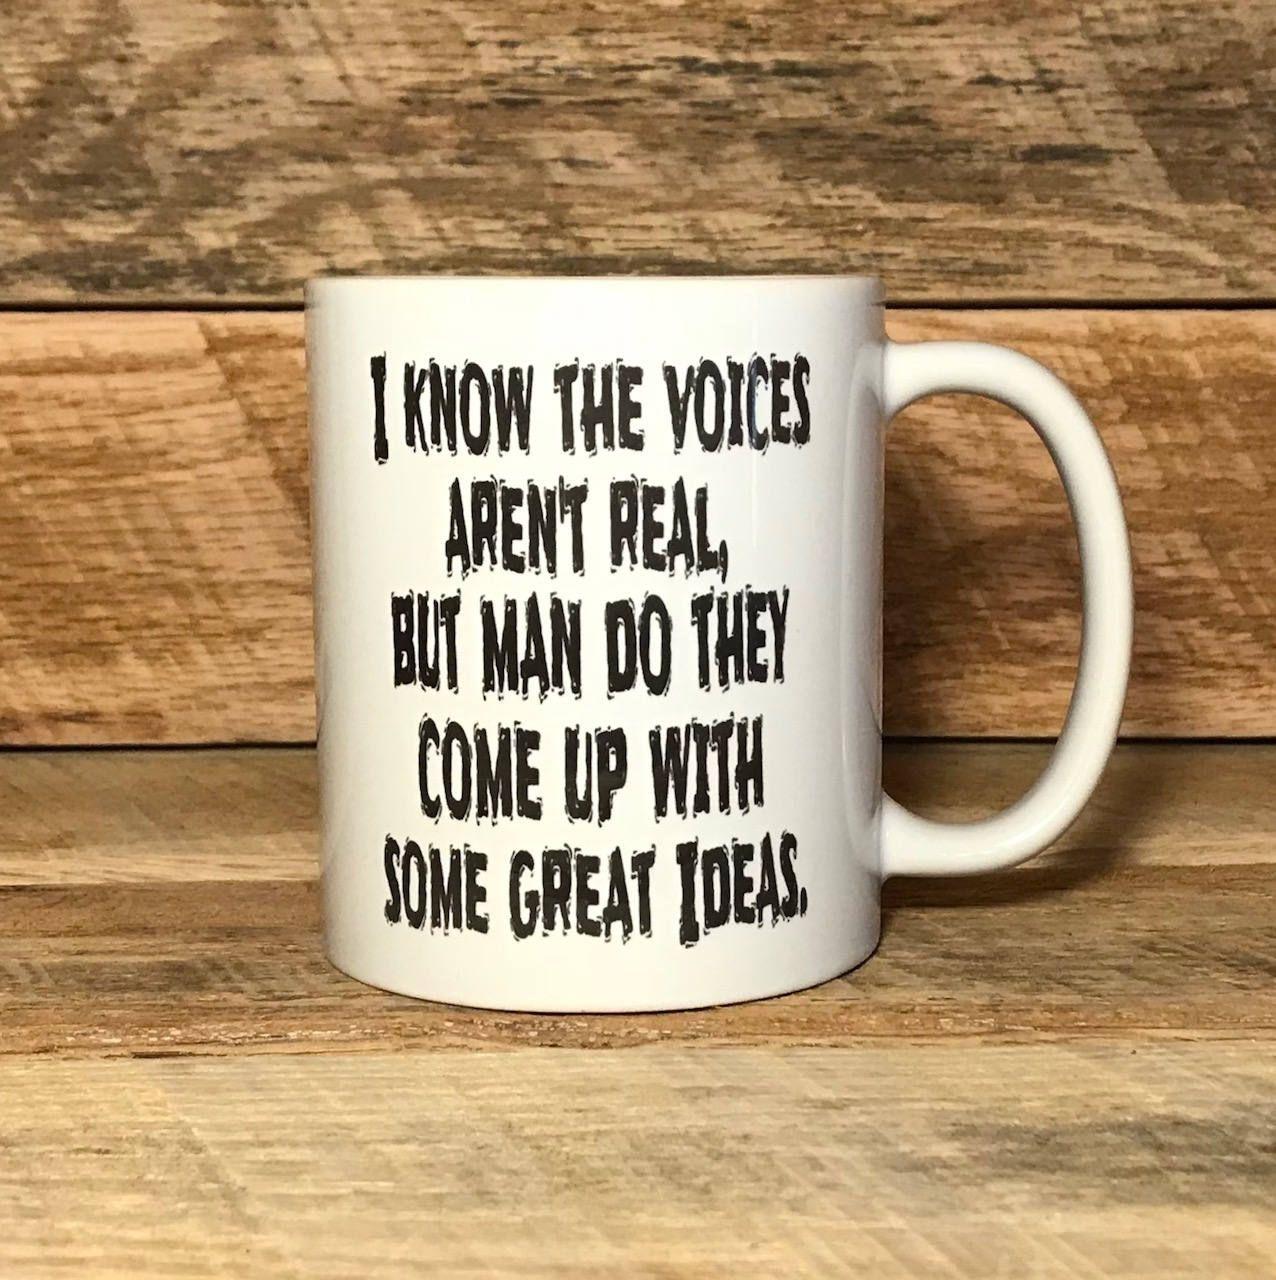 Coffee mug, funny gift funny coffee mug, clever coffee mug